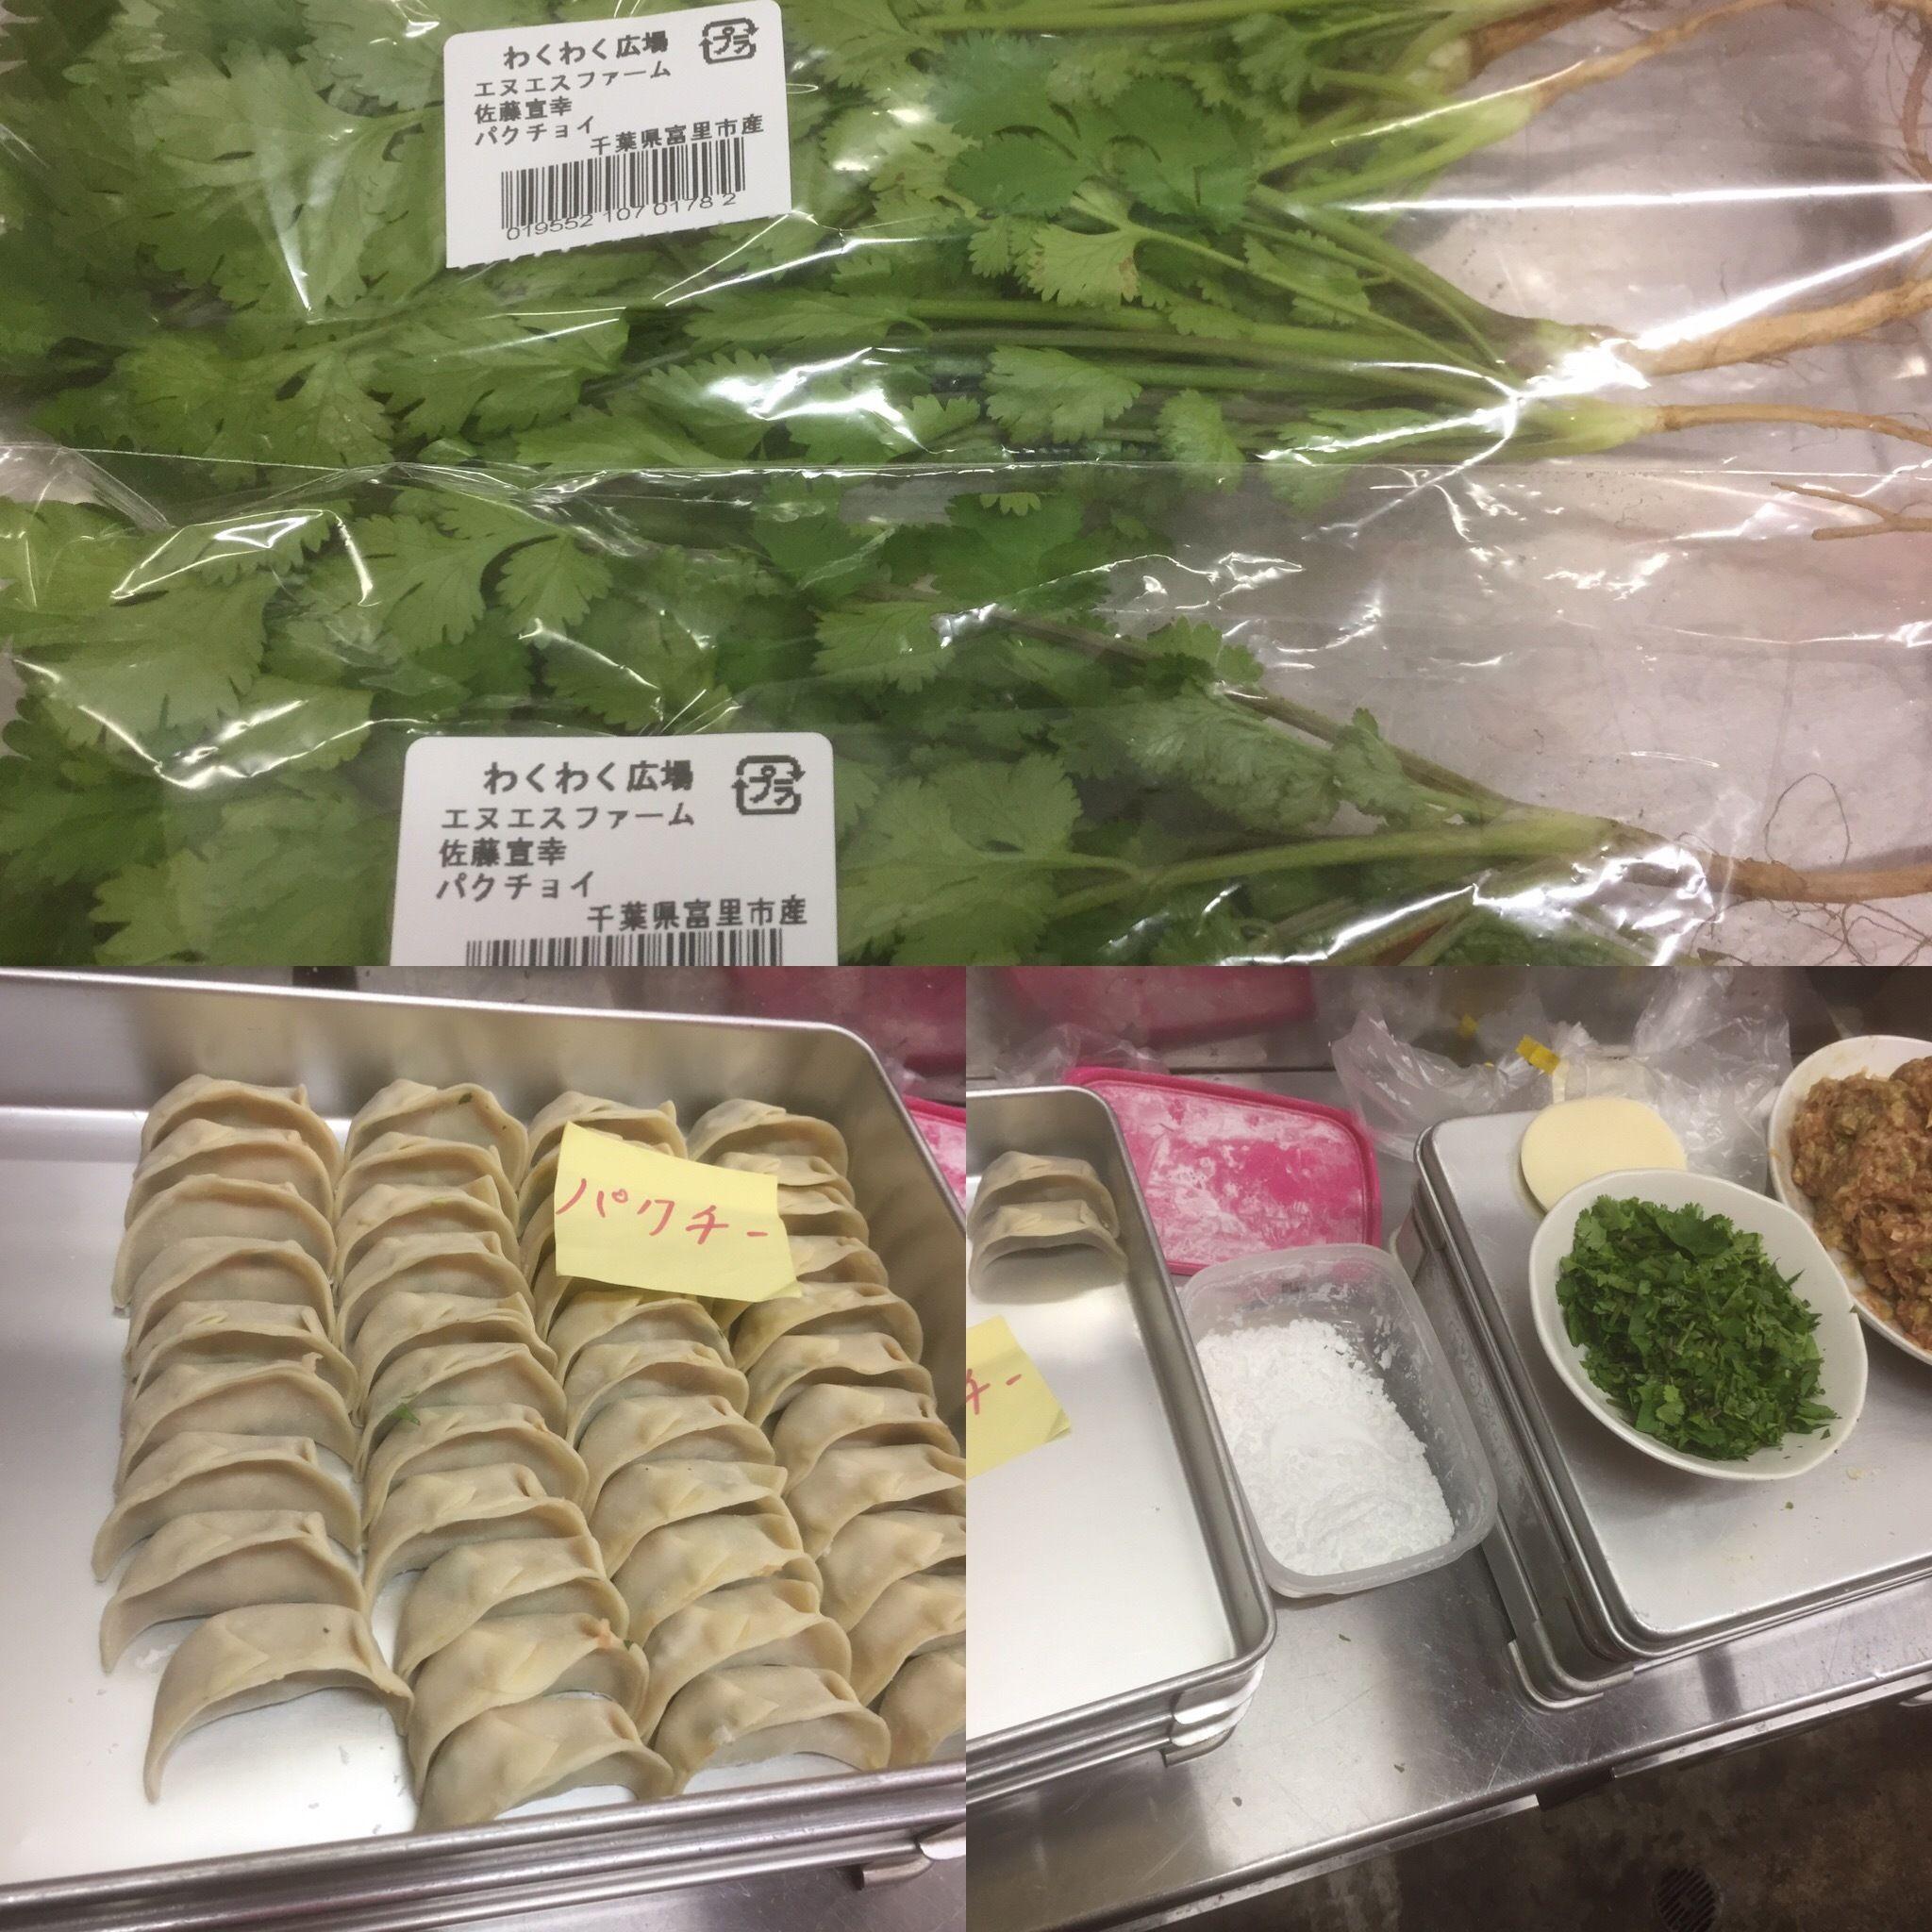 パクチー餃子(Corinder Dumpling)